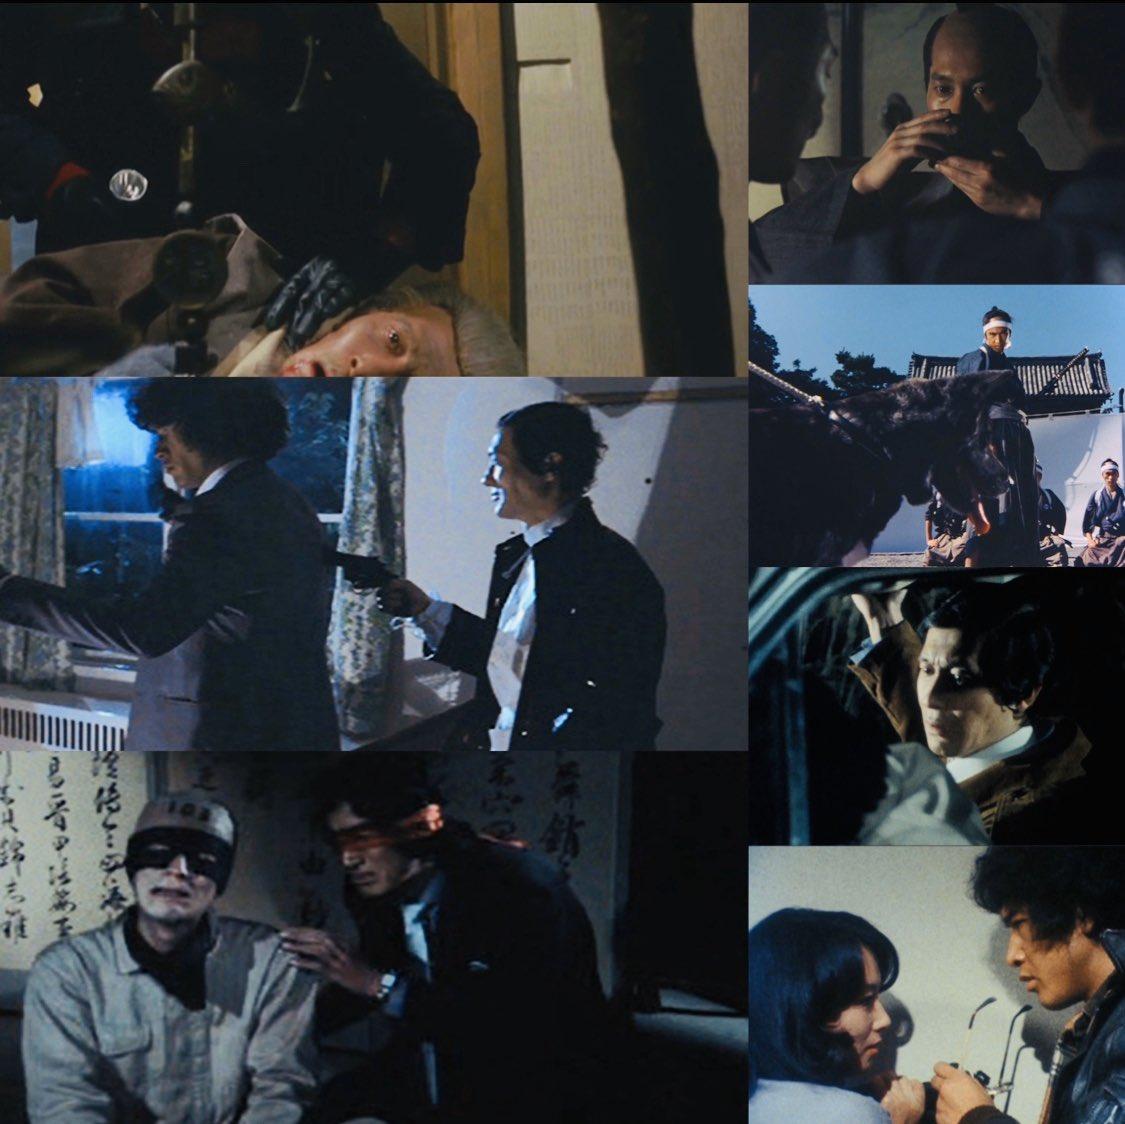 本日は岸田森さんのご命日に因み今年早逝後30年にあたる松田優作さんが岸田森さんの葬儀に列席された際に号泣し乍ら「あの人のことを愛してましたからね、僕は。俳優としても人間としても」と岸田森さんの人柄が伝わる感慨深いコメントを残されており追悼に評しお二人の共演作を集めてみました。